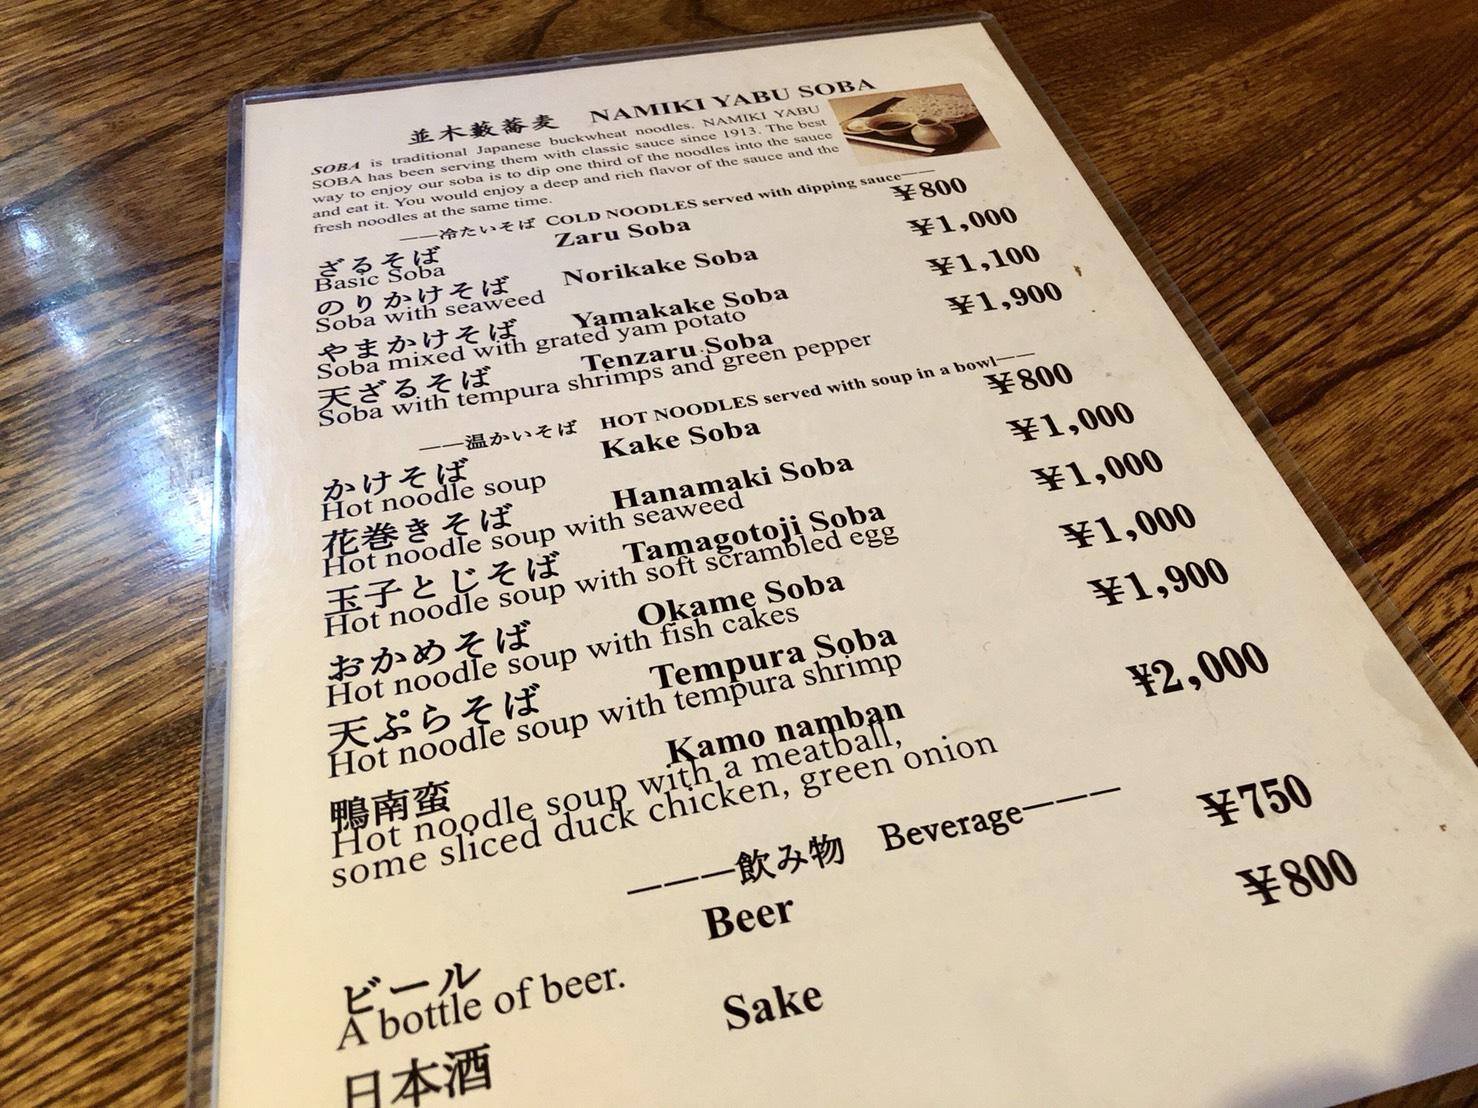 並木藪蕎麦(メニュー・料金表)